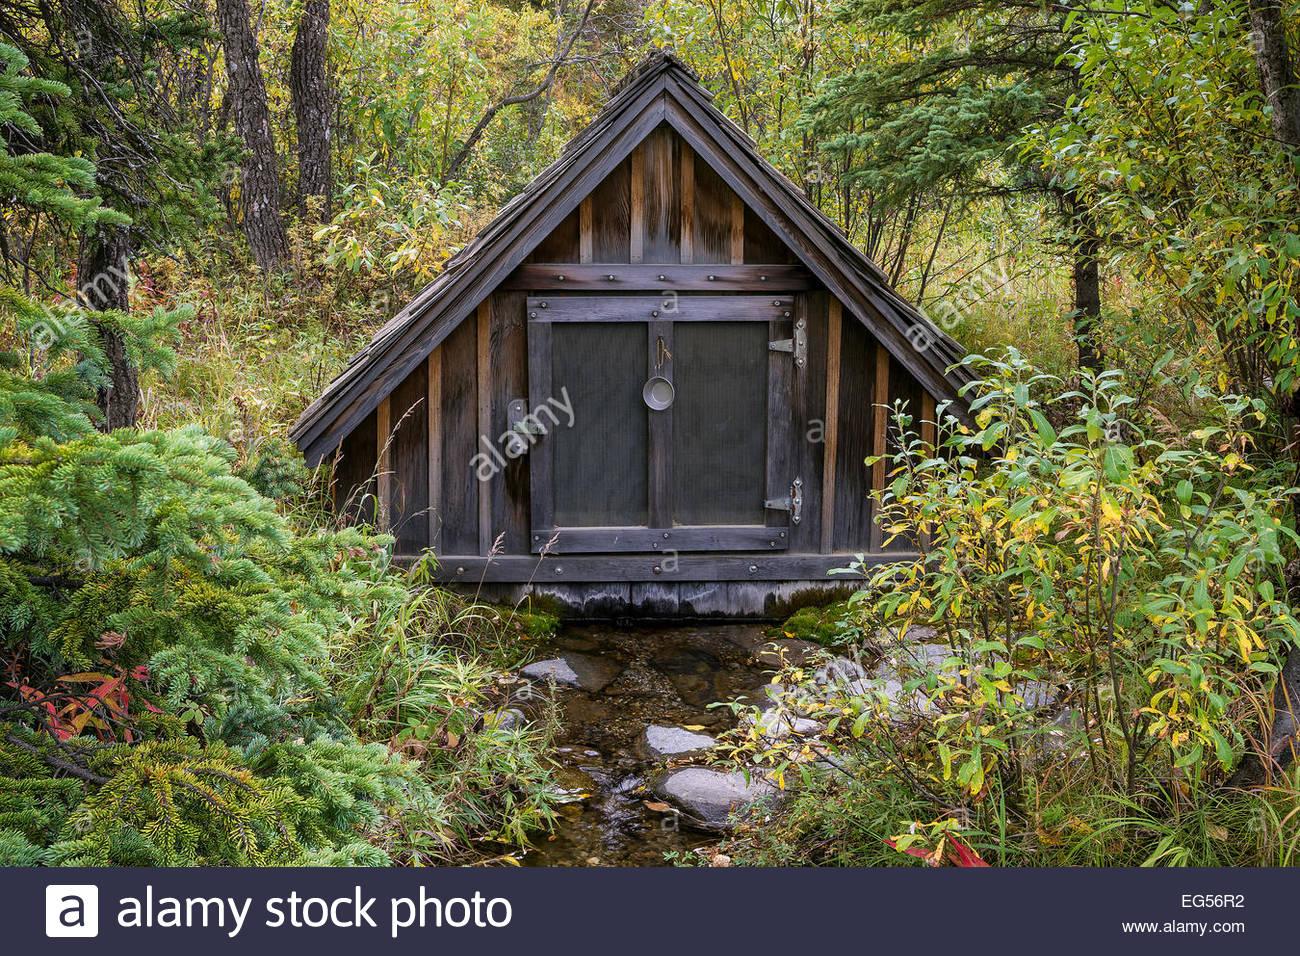 Denali national Park - Alaska : spring water at the North Face Lodge - Stock Image